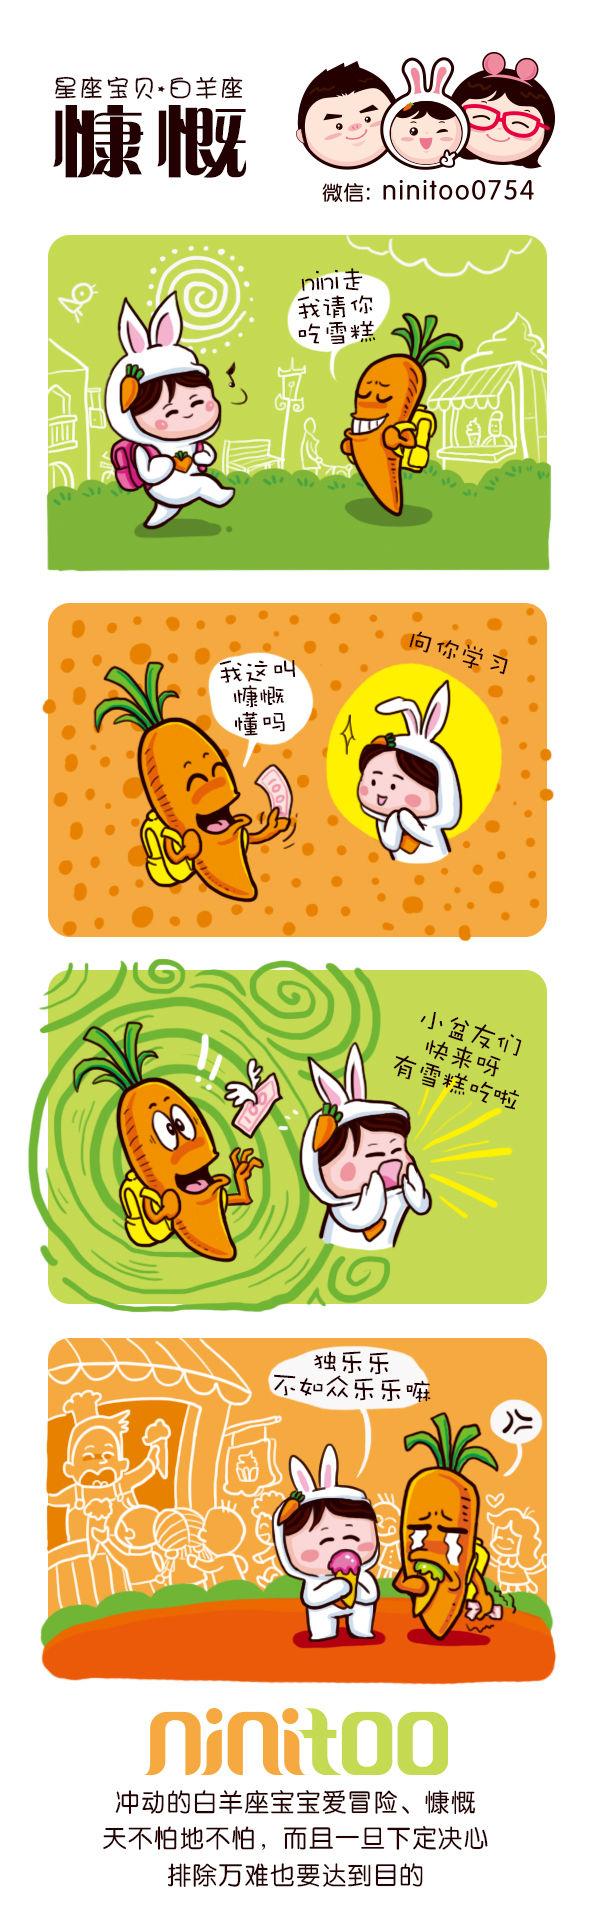 育儿经漫画52.jpg